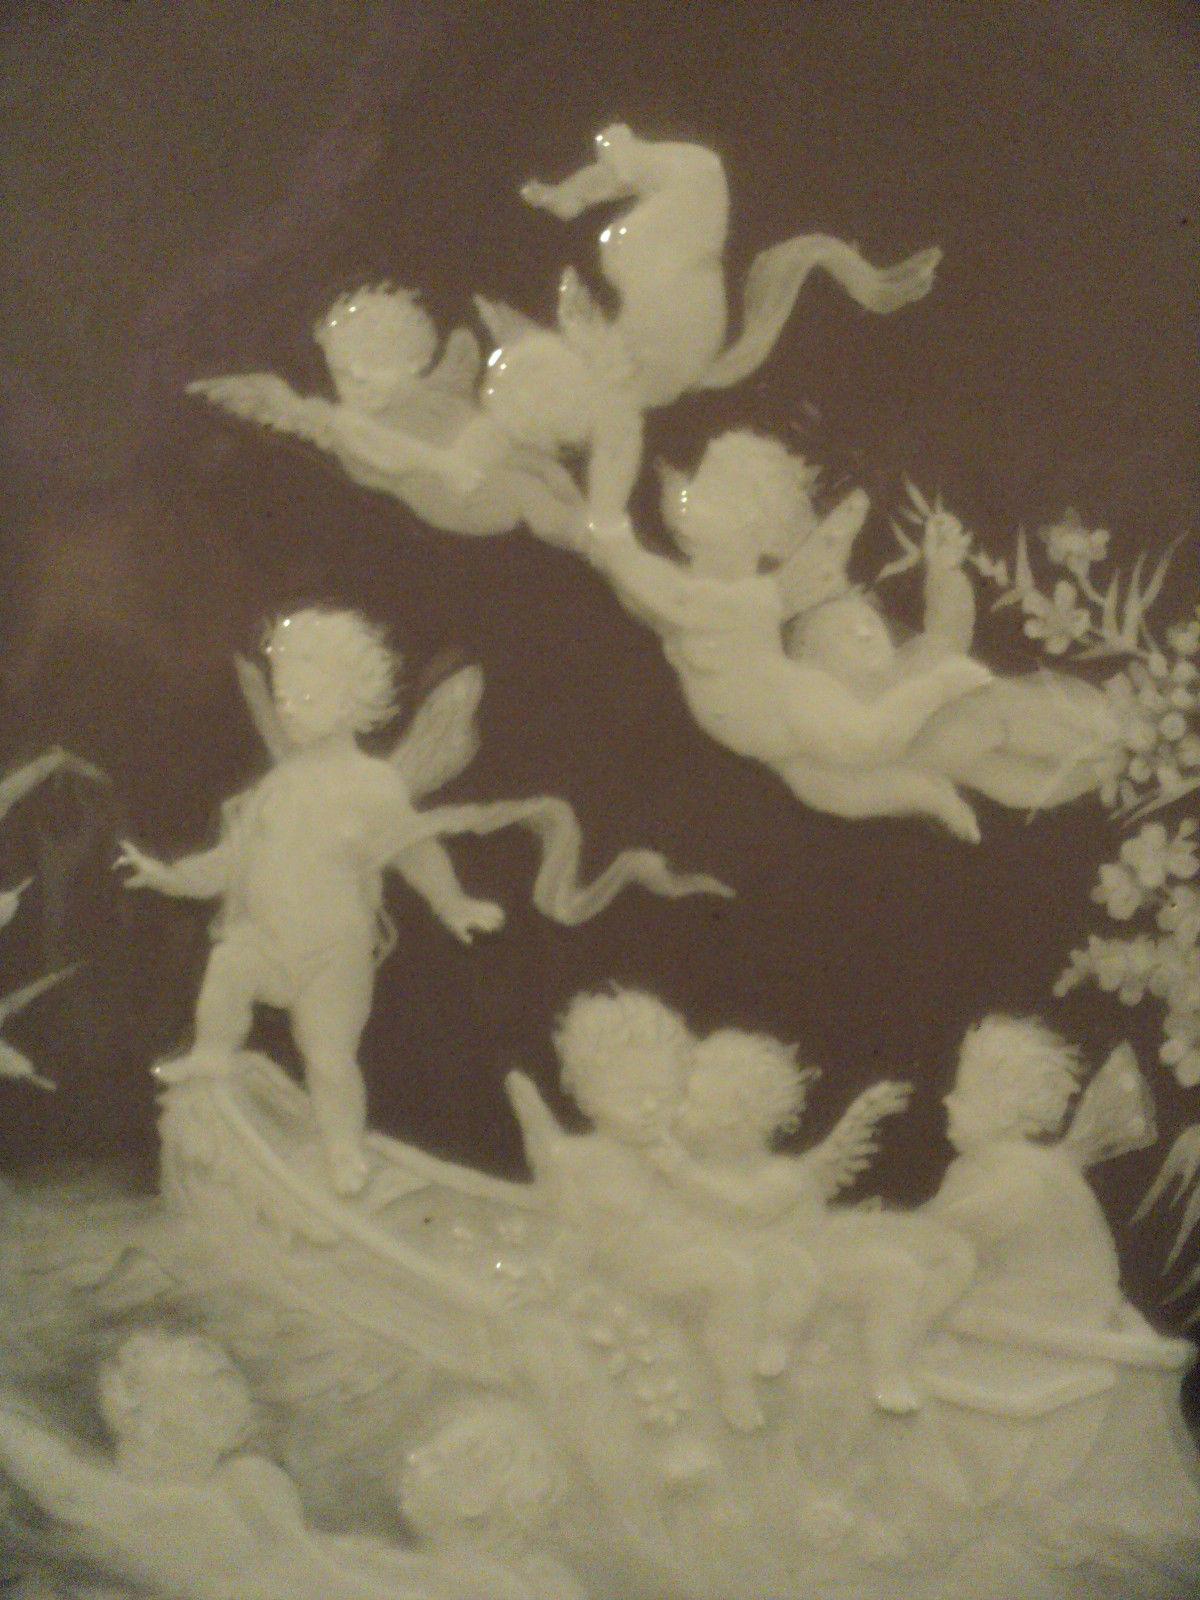 パテ・シュール・パテ技法を使ったの陶版画